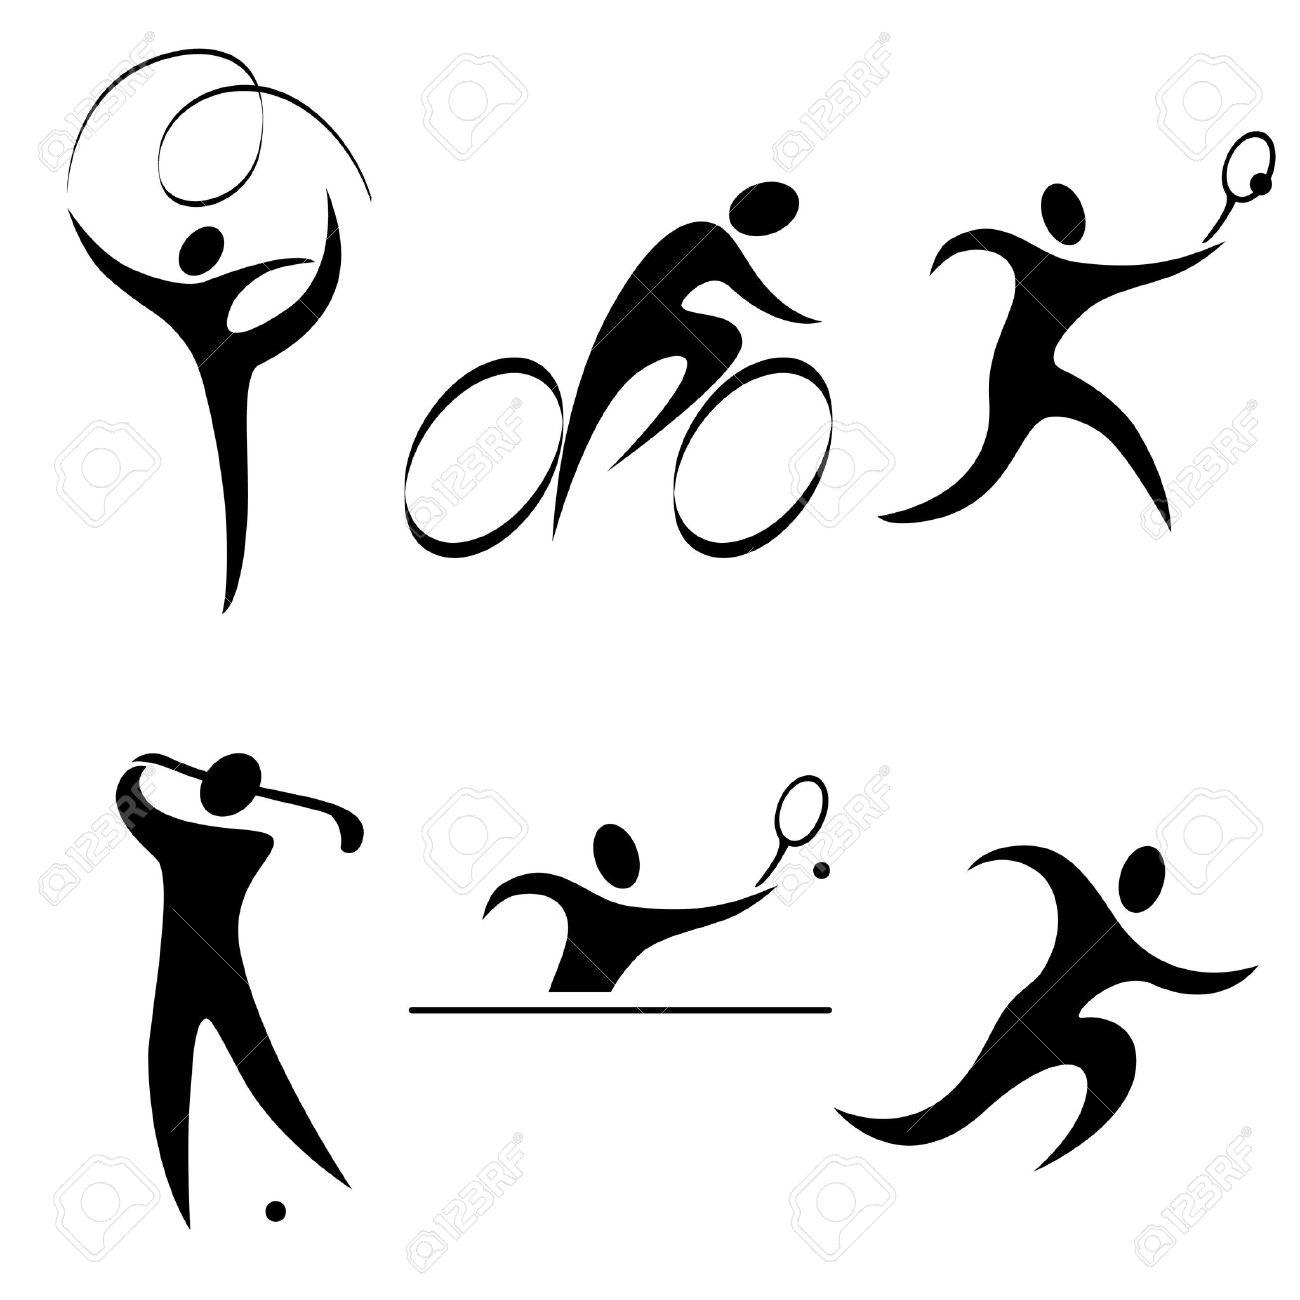 Personne Jeu D'icônes Sportives. Les Sports Individuels. Olympiques D'été Discipline.vector Illustration. Clip Art Libres De Droits , Vecteurs Et Illustration. Image 12009663.